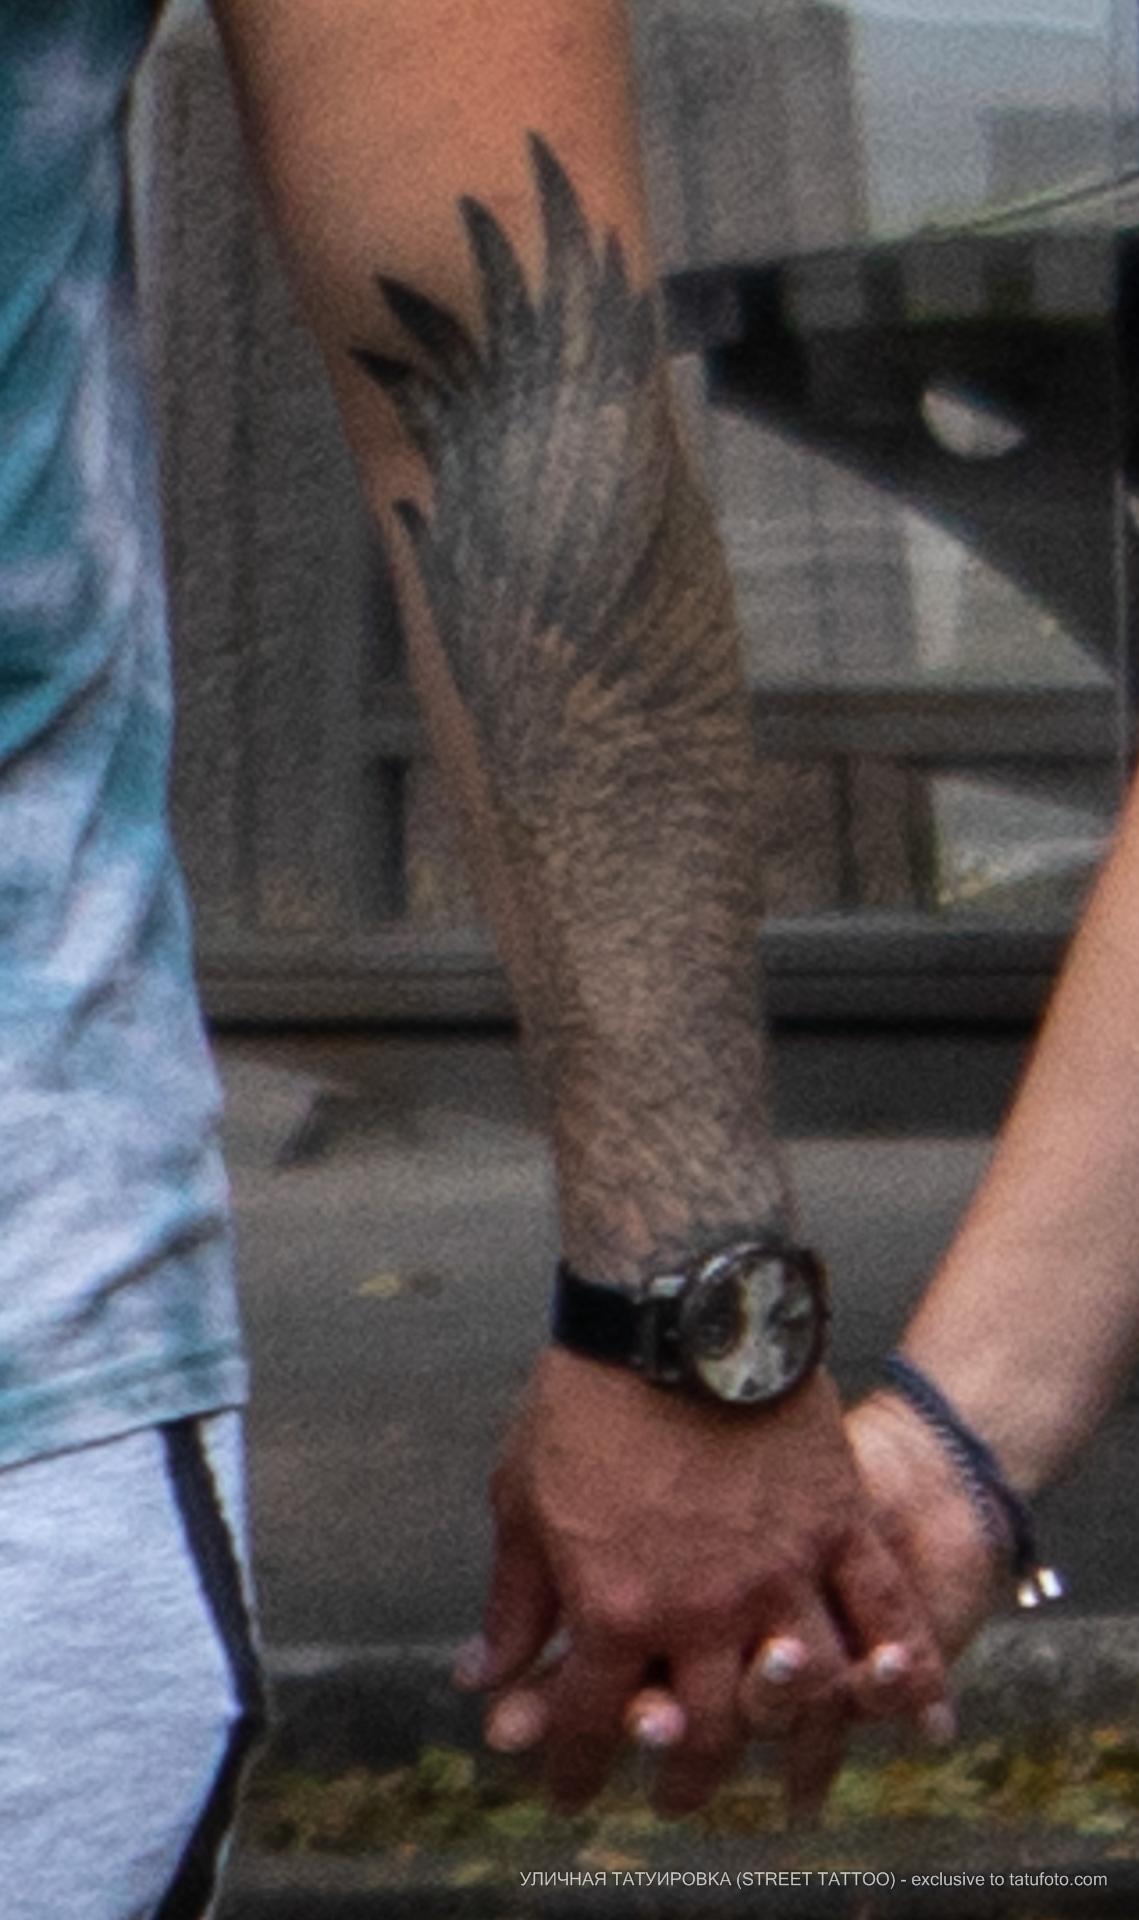 Фото тату с крылом на запястье парня - Уличная татуировка (street tattoo) № 06 – 18.06.2020 – tatufoto.com 1